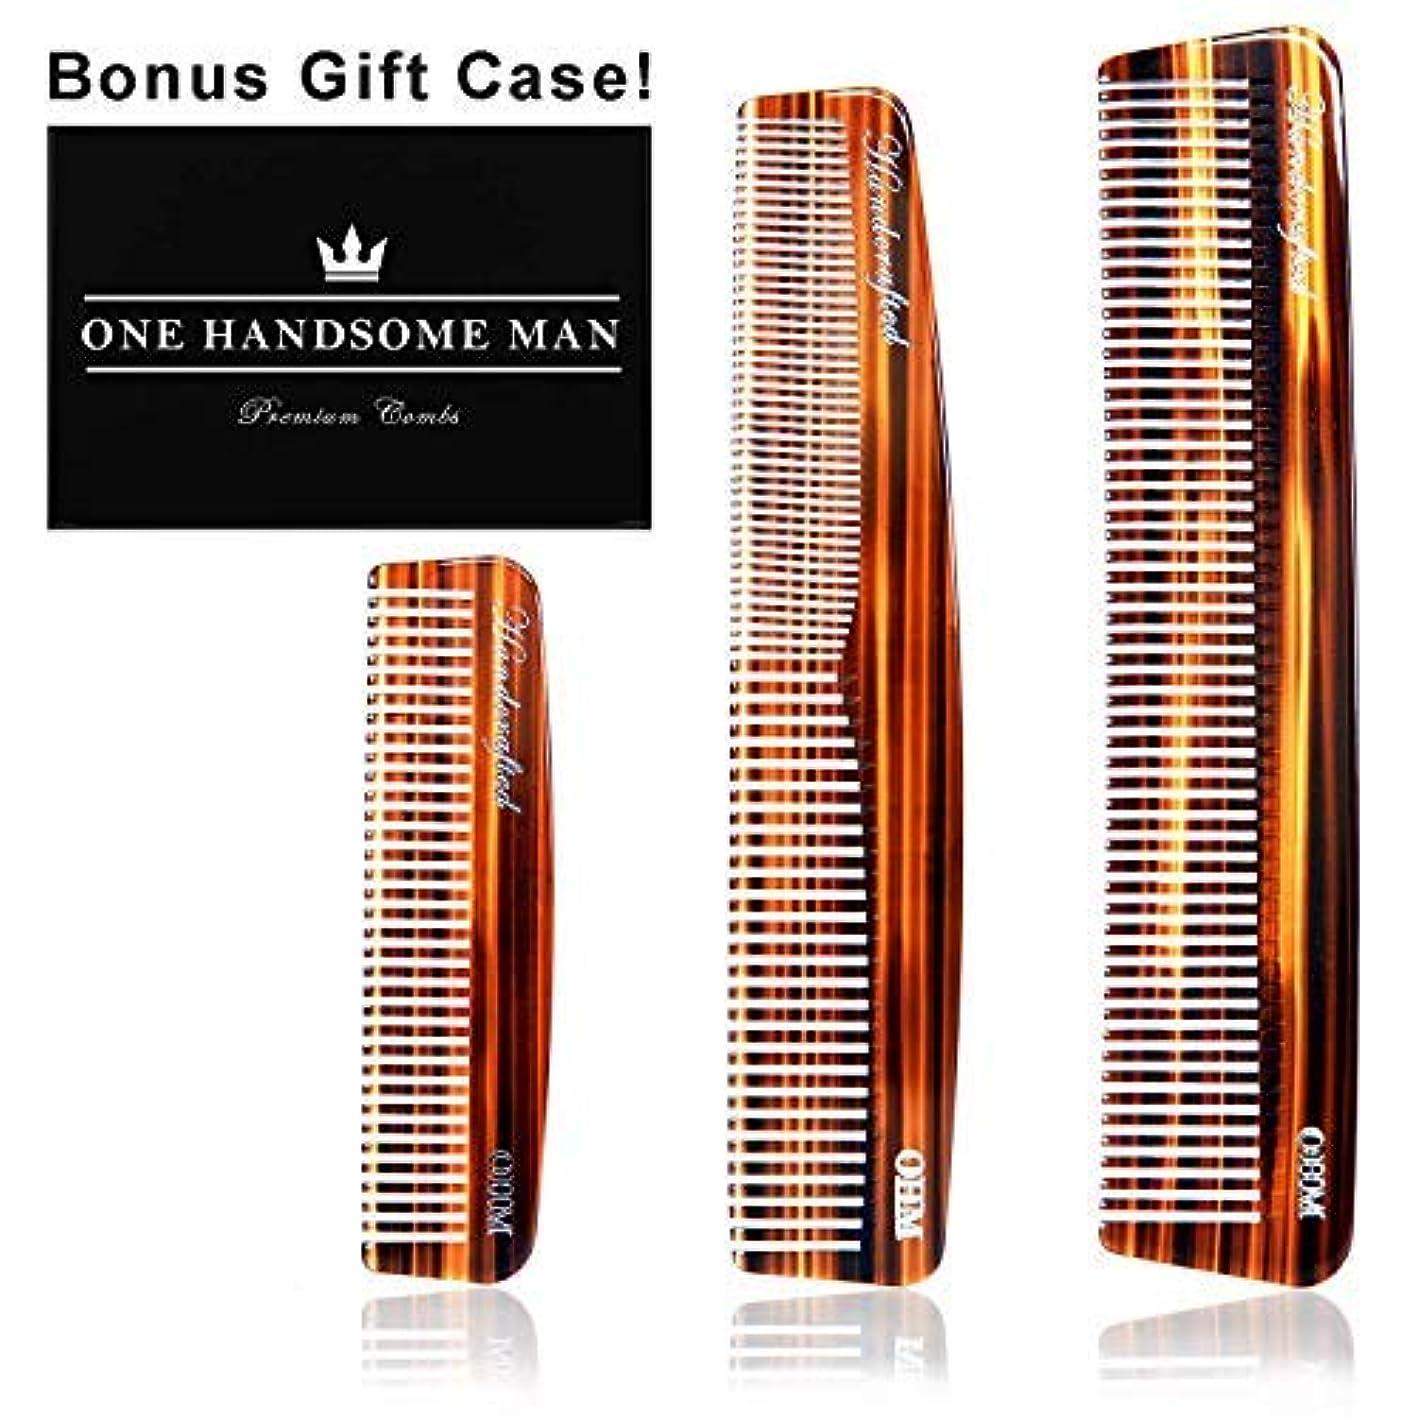 ルーフ細心の胃3 Set Mens Comb by One Handsome Man - Anti-Static Hair Comb, Beard Comb, and Mustache Combs For Men with Leather...